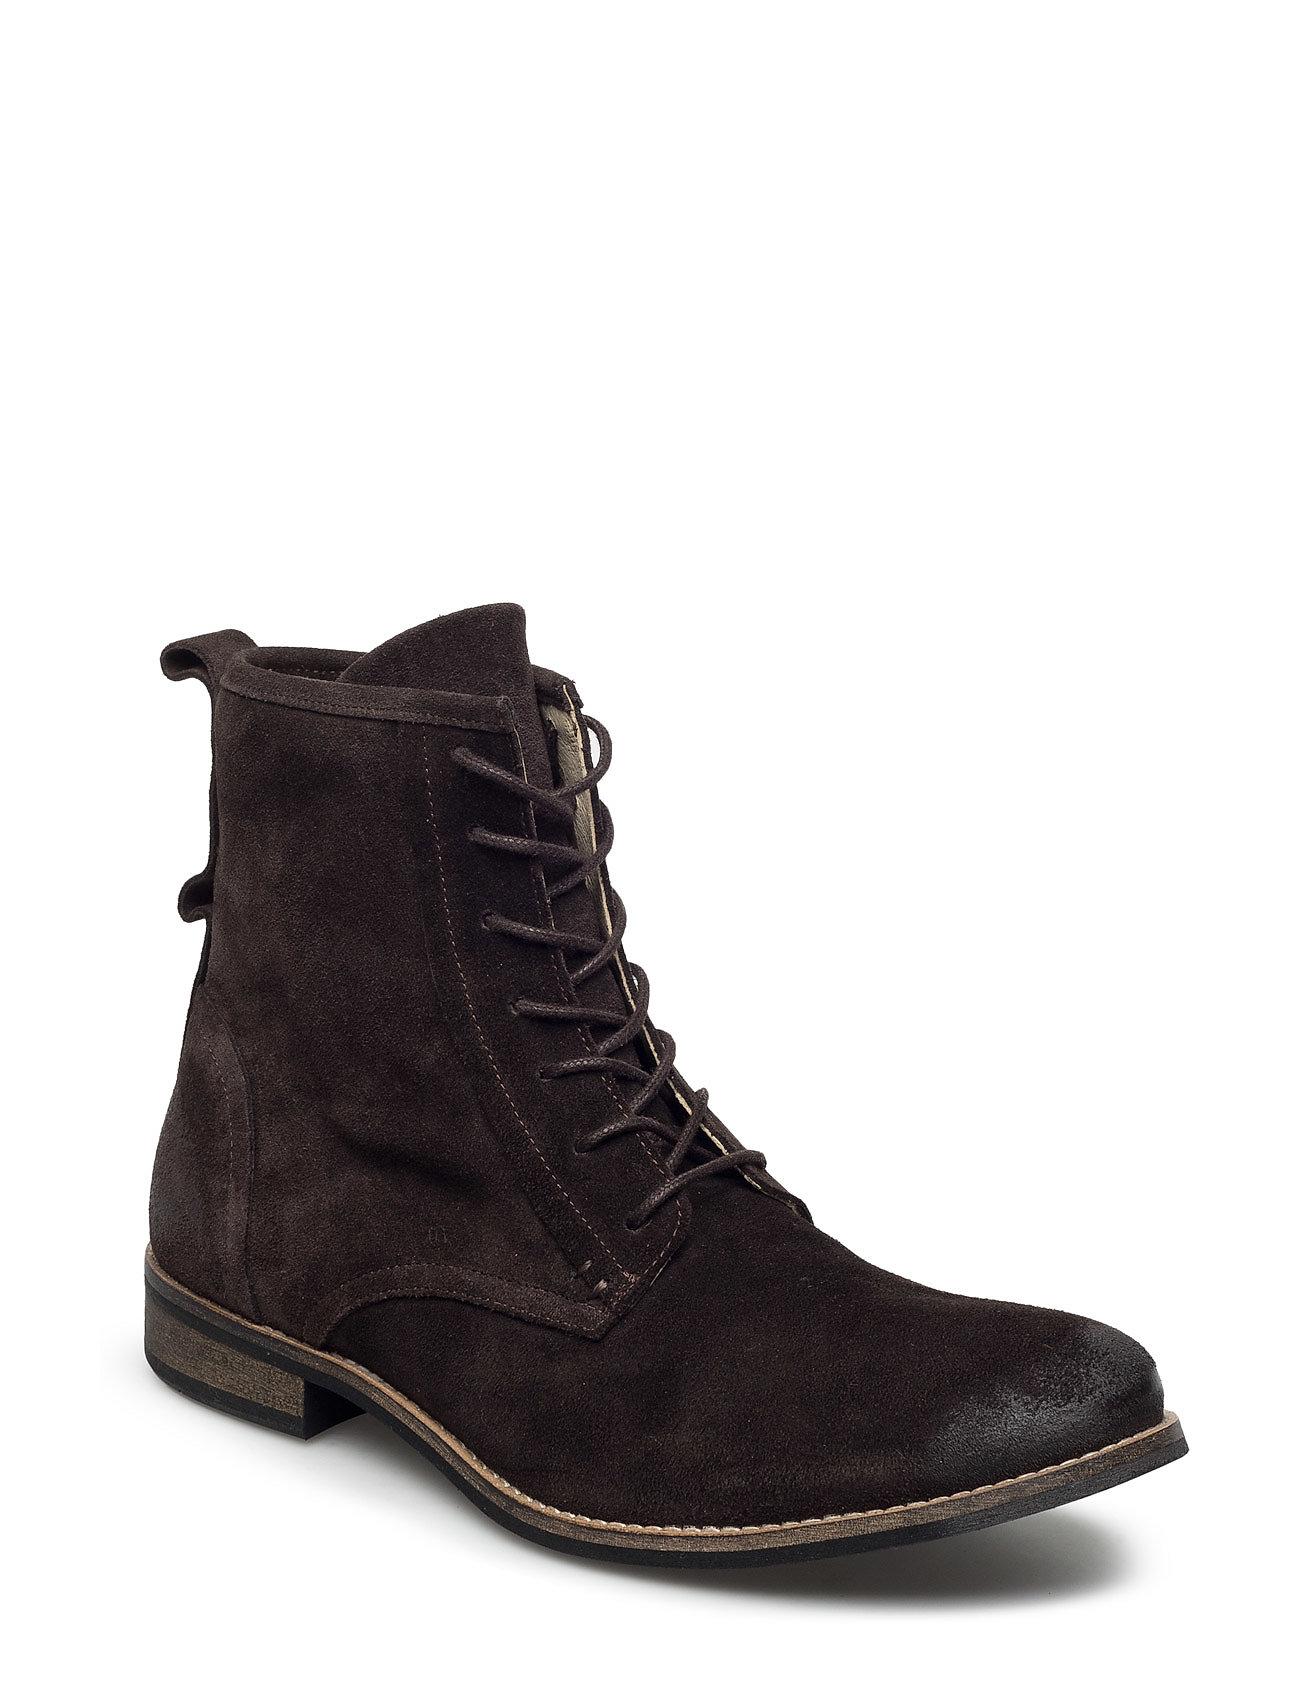 Stb1069 Shoe The Bear Støvler til Herrer i Mørkebrun